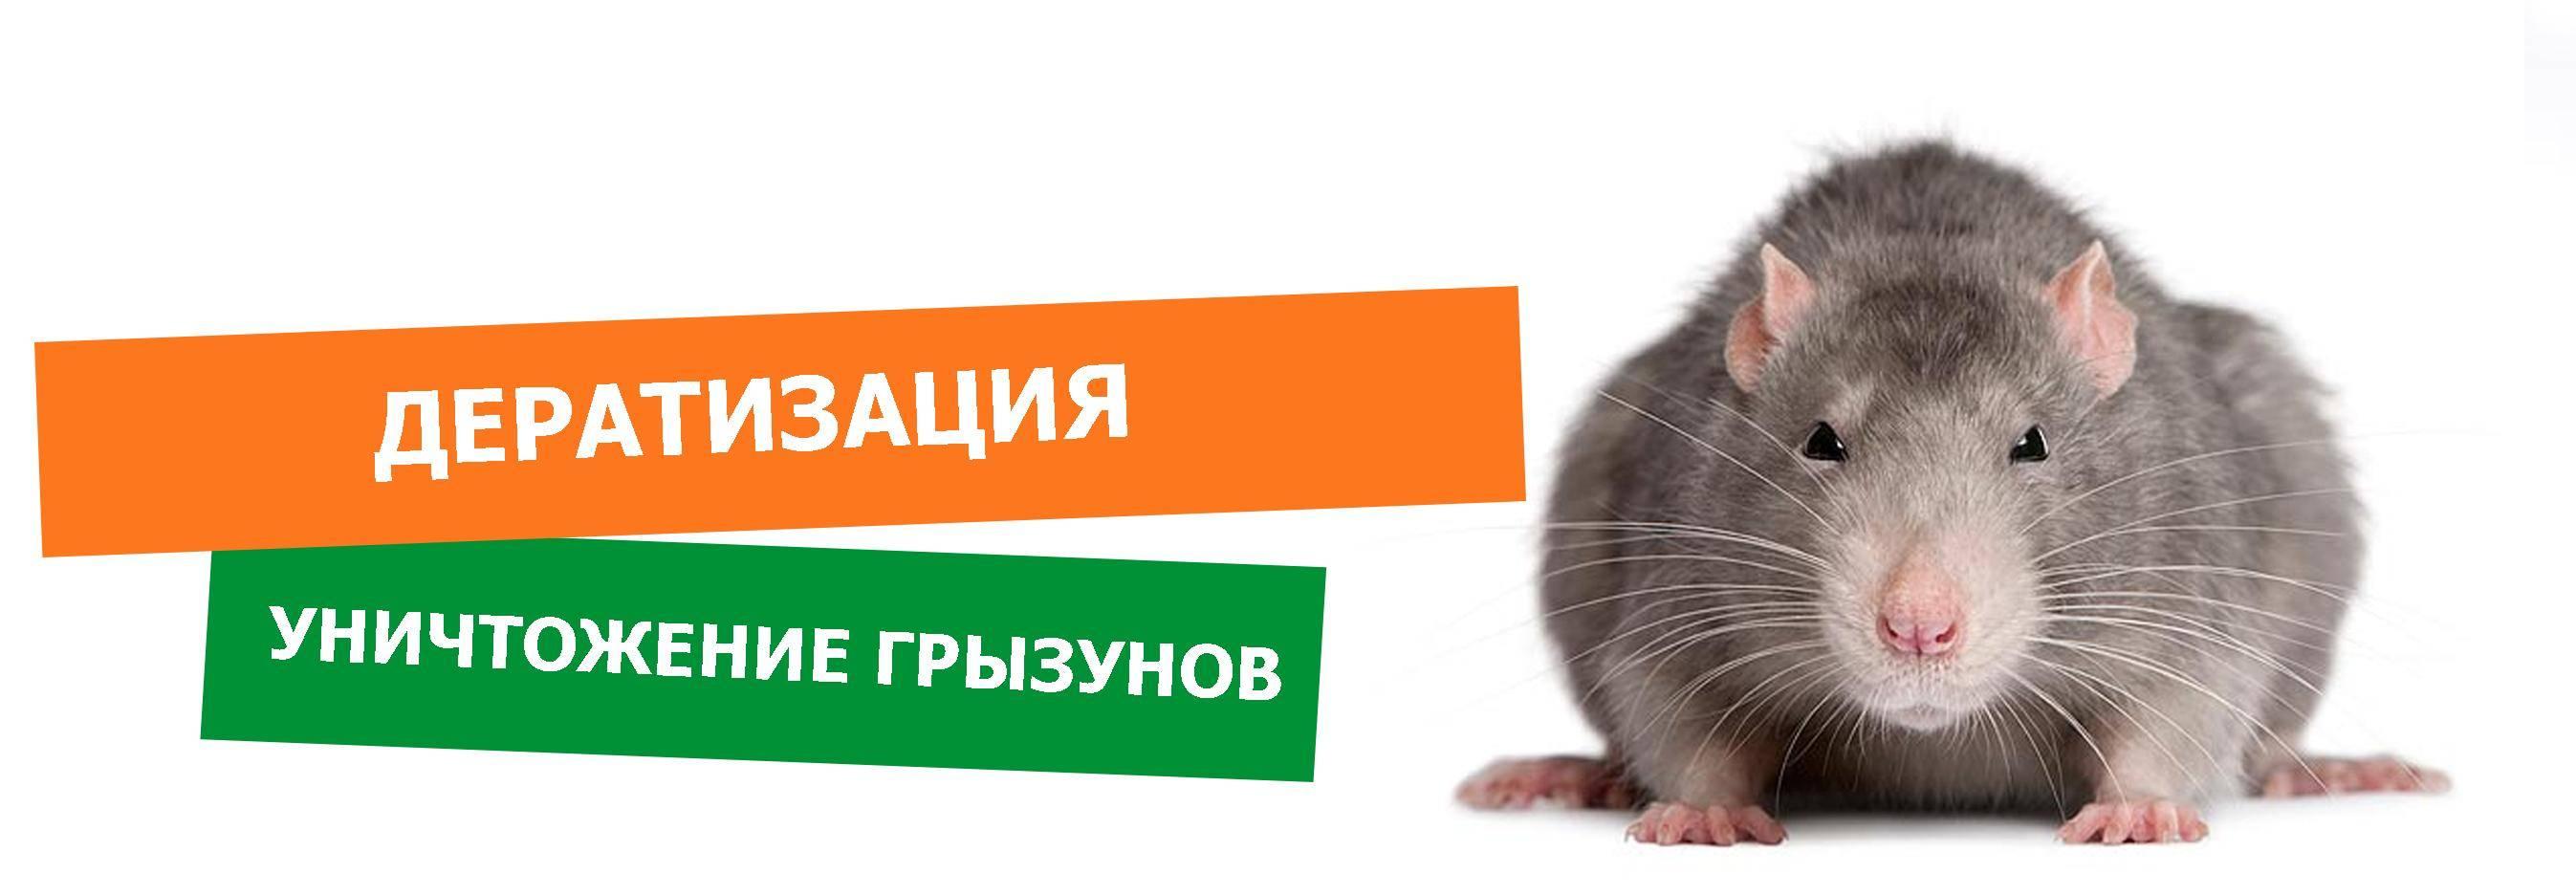 Меры профилактики против появления грызунов